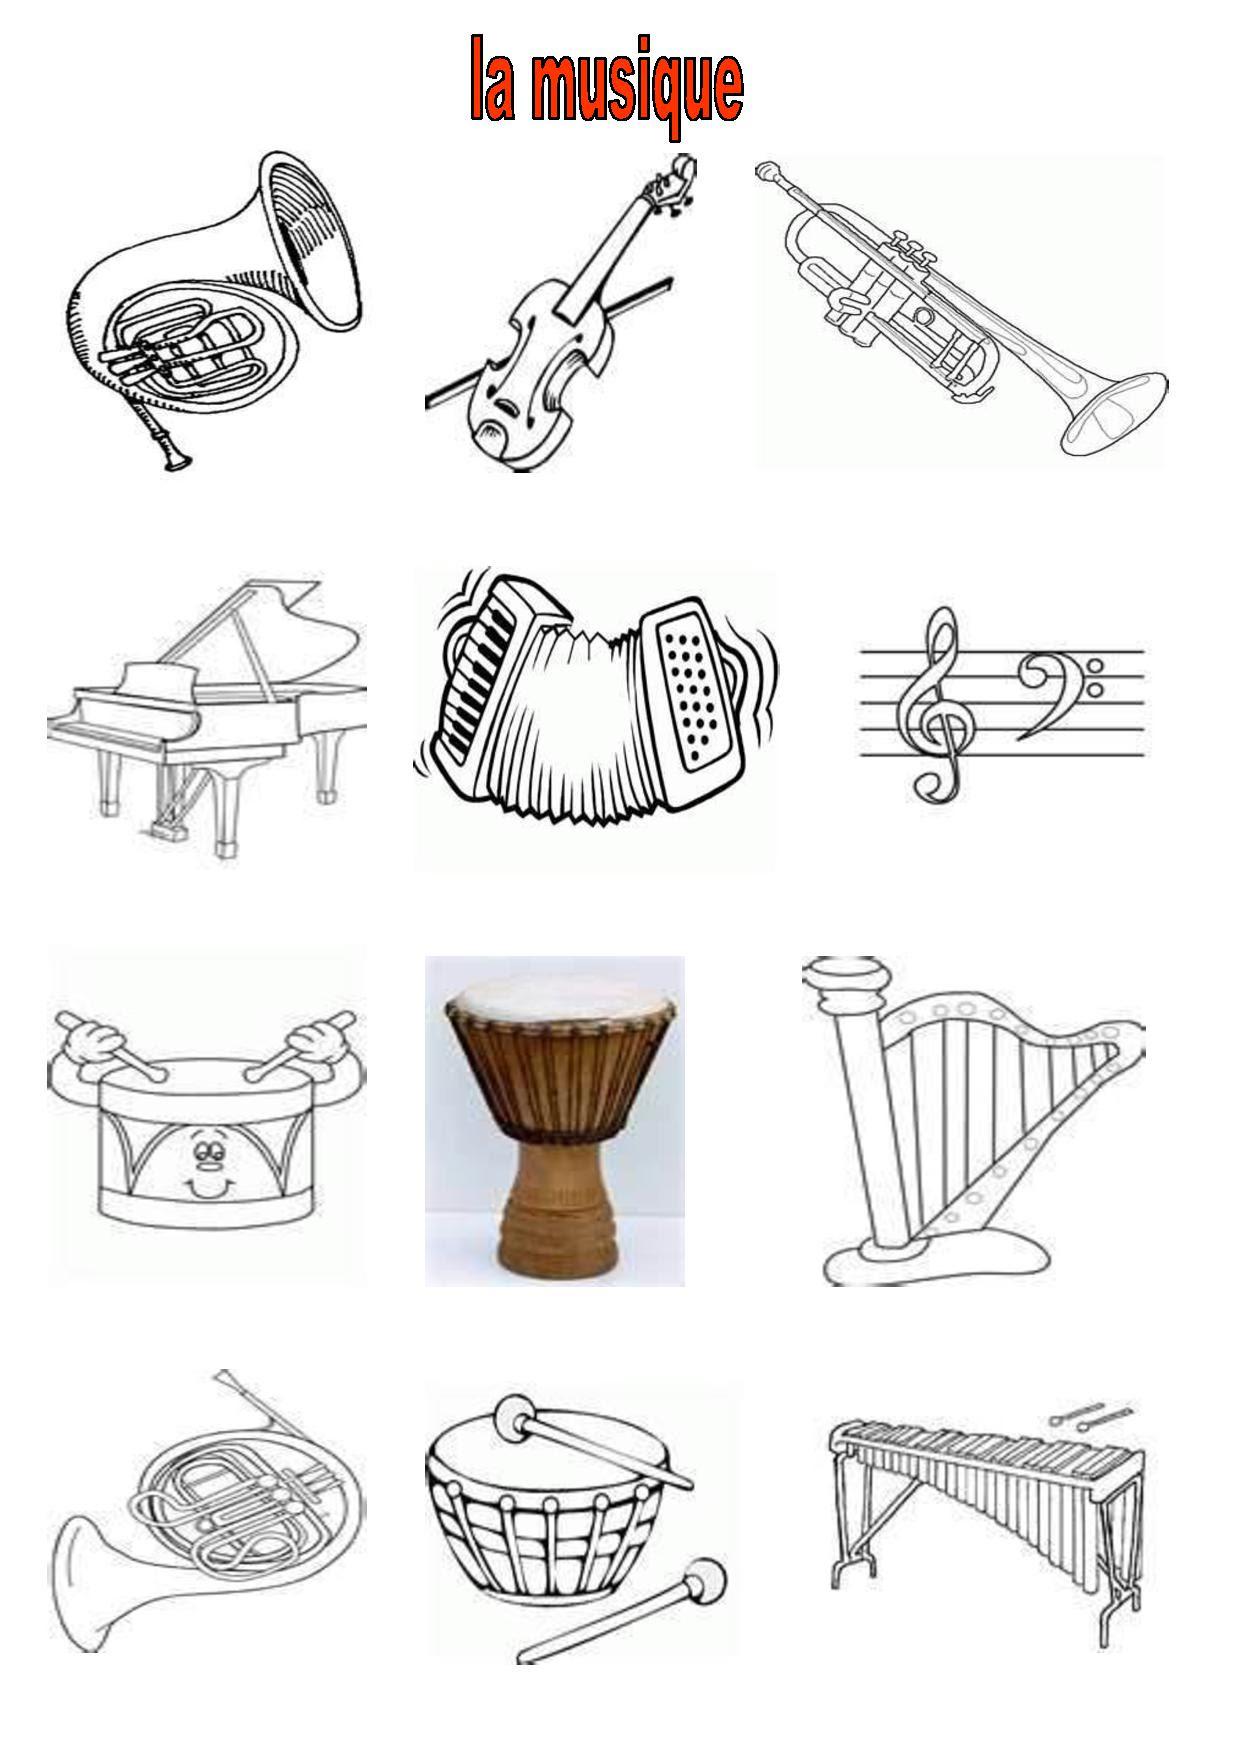 Coloriage Instrument De Musique Maternelle | Imprimer et Obtenir une Coloriage Gratuit Ici